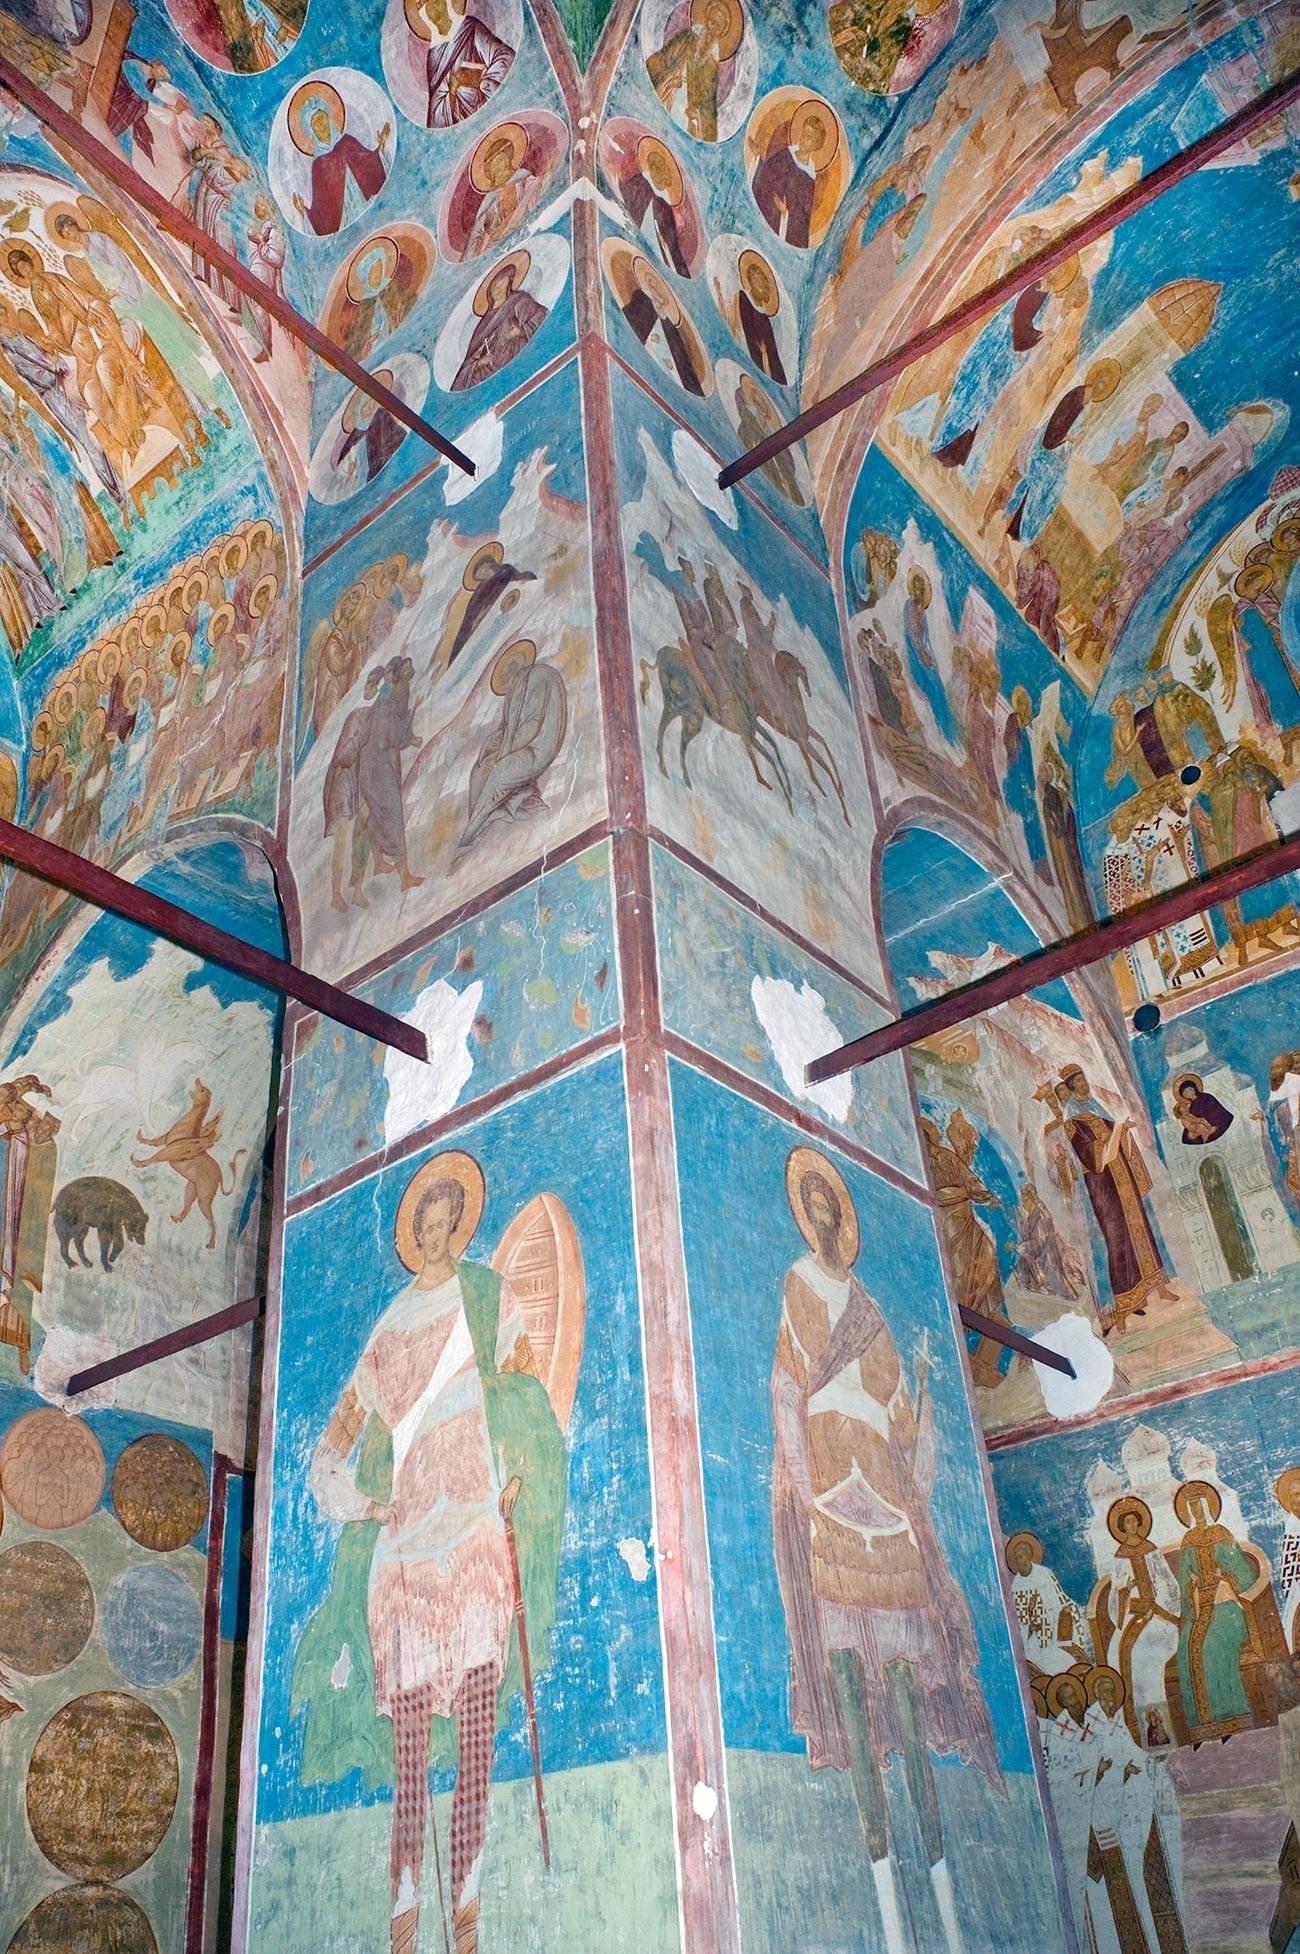 Cathédrale de la Nativité. Jetée nord-ouest avec fresques de Saint-Démétrius (à gauche) et de Saint-Théodore. Niveau supérieur : trois Mages suivant l'Étoile